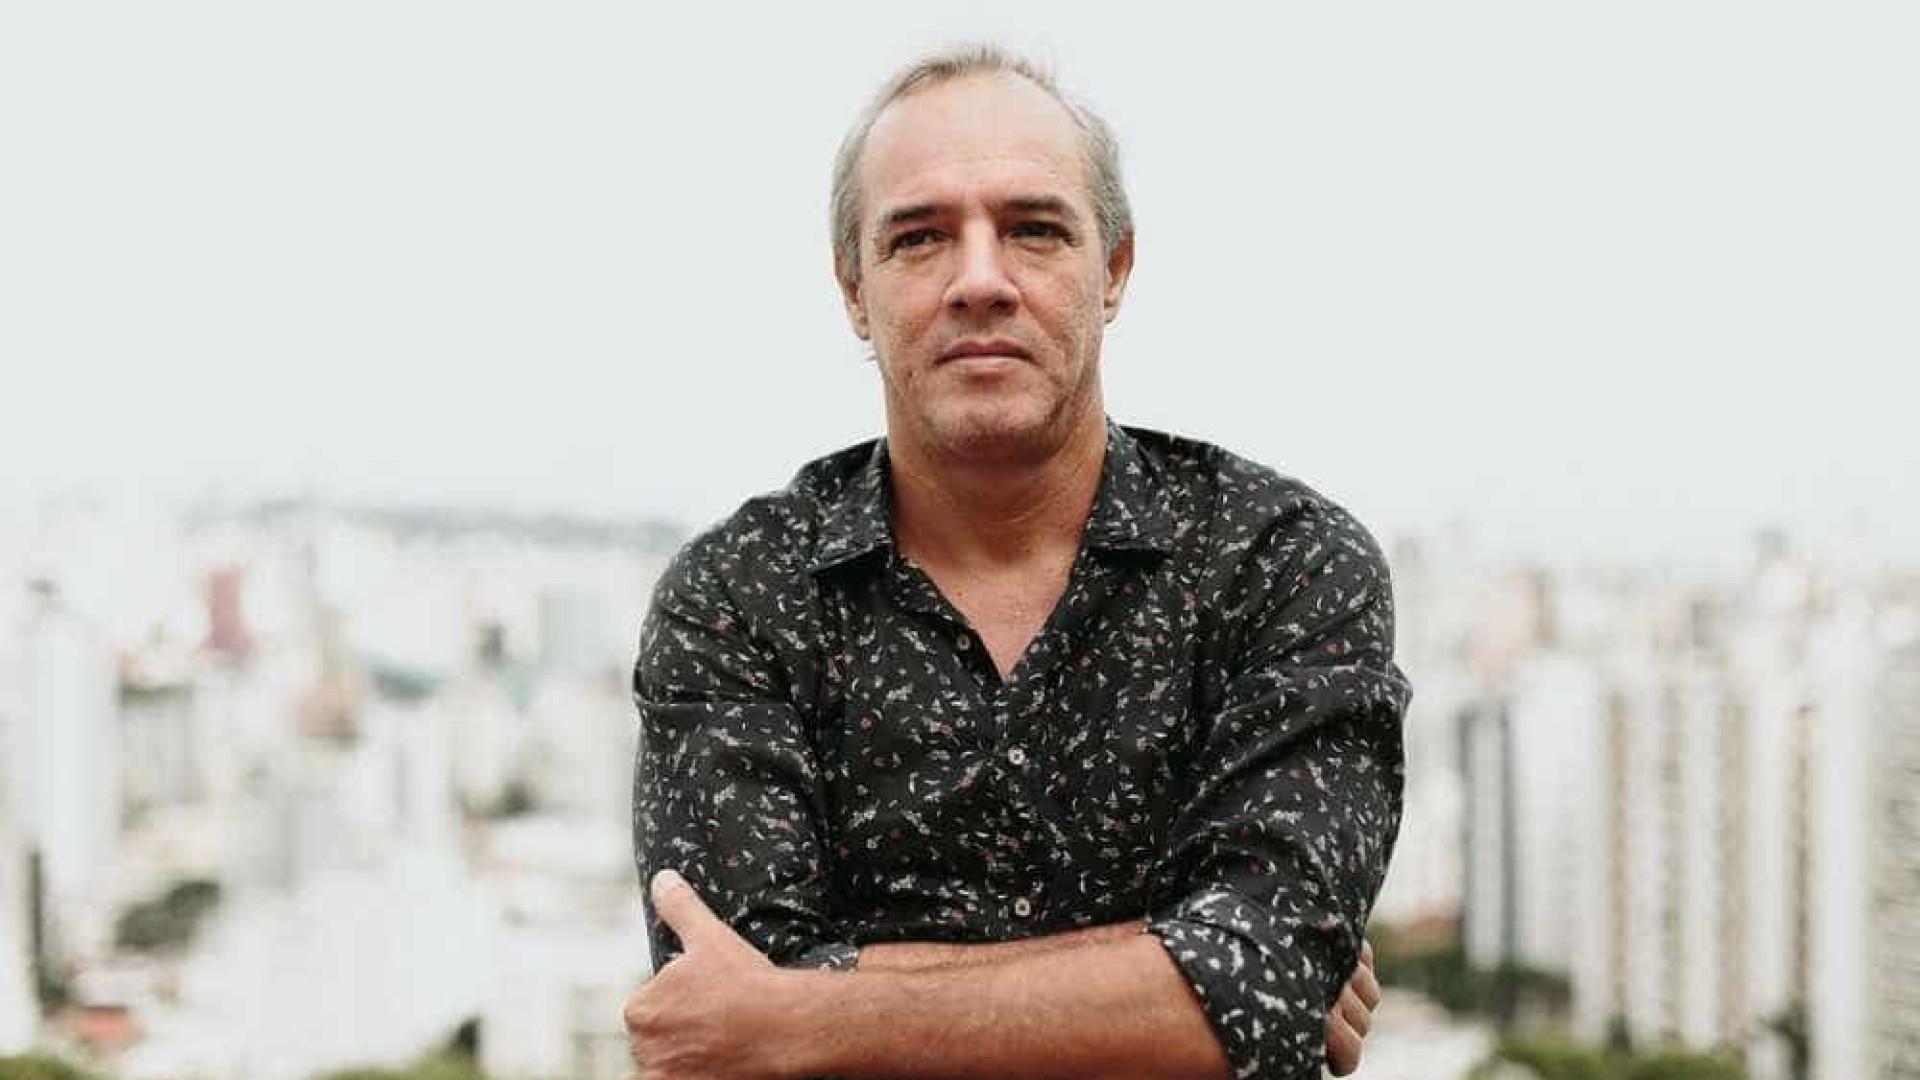 Morre compositor Flávio Henrique por complicações da febre amarela